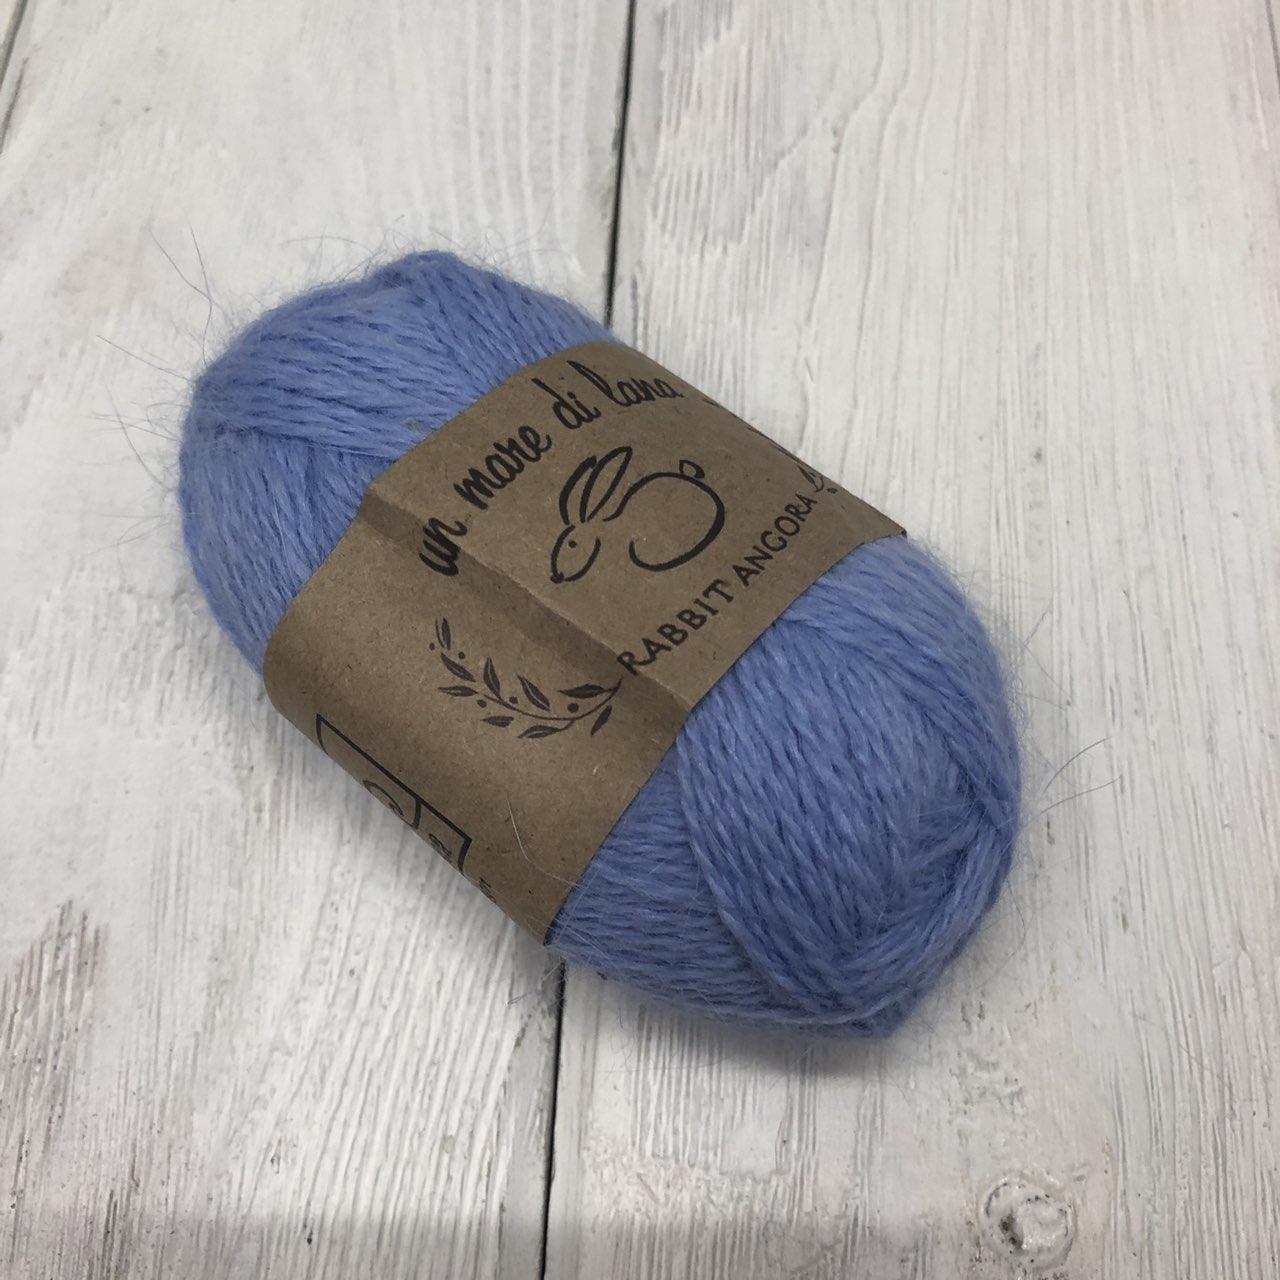 Wool Sea Rabbit Angora (вул сеа Ангора Кролик) 15 - т.голубой заказать в Минске